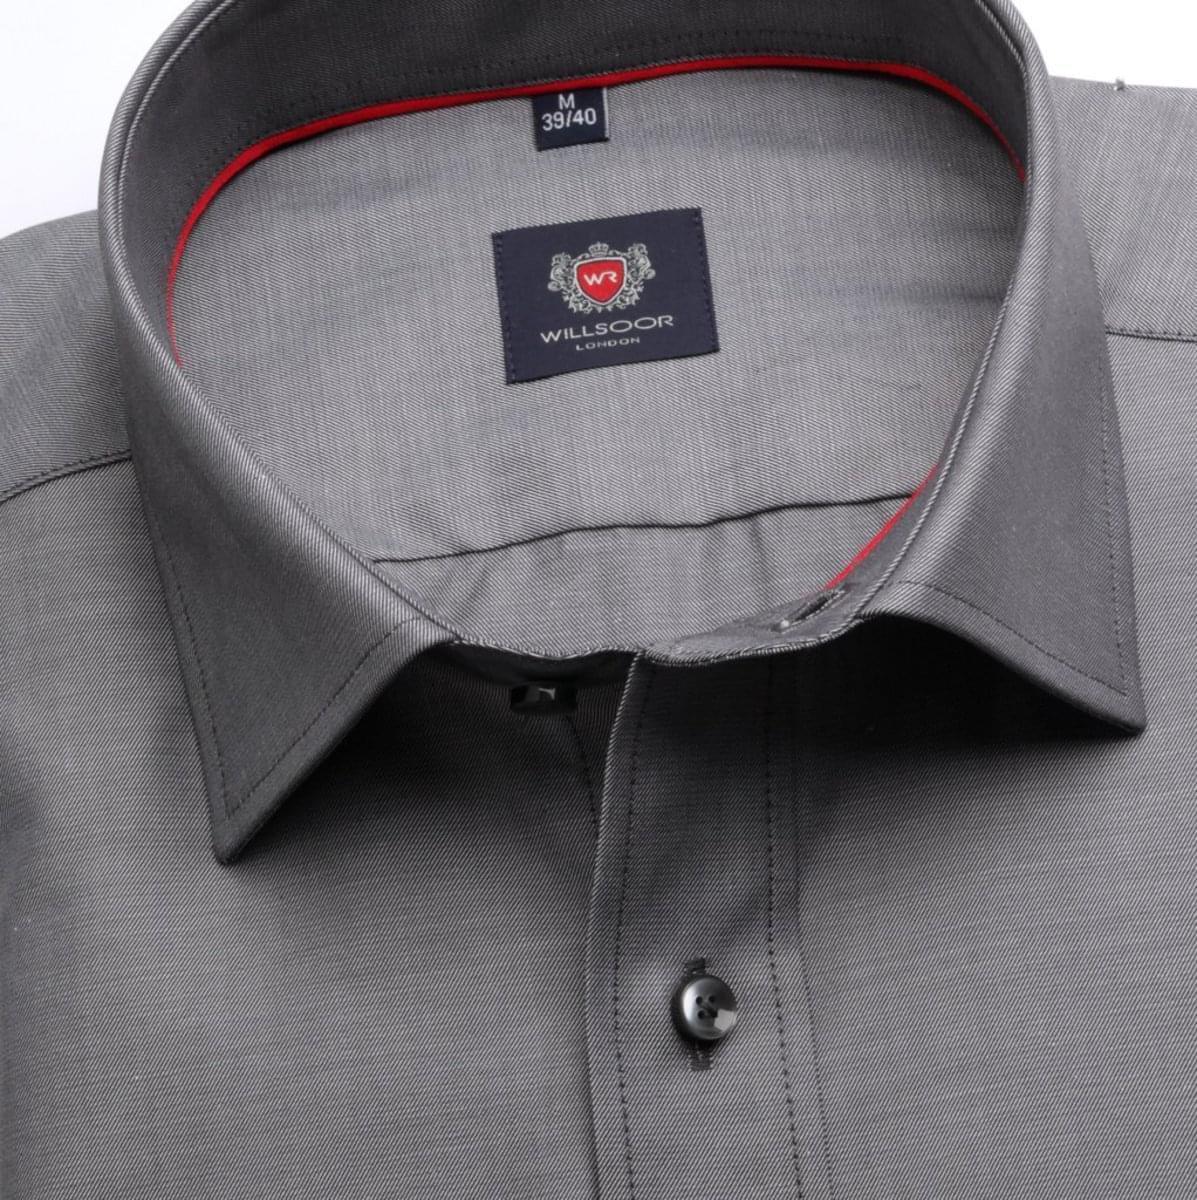 Pánská klasická košile London (výška 188-194) 6748 v šedé barvě s formulí Easy Care 188-194 / XL (43/44)